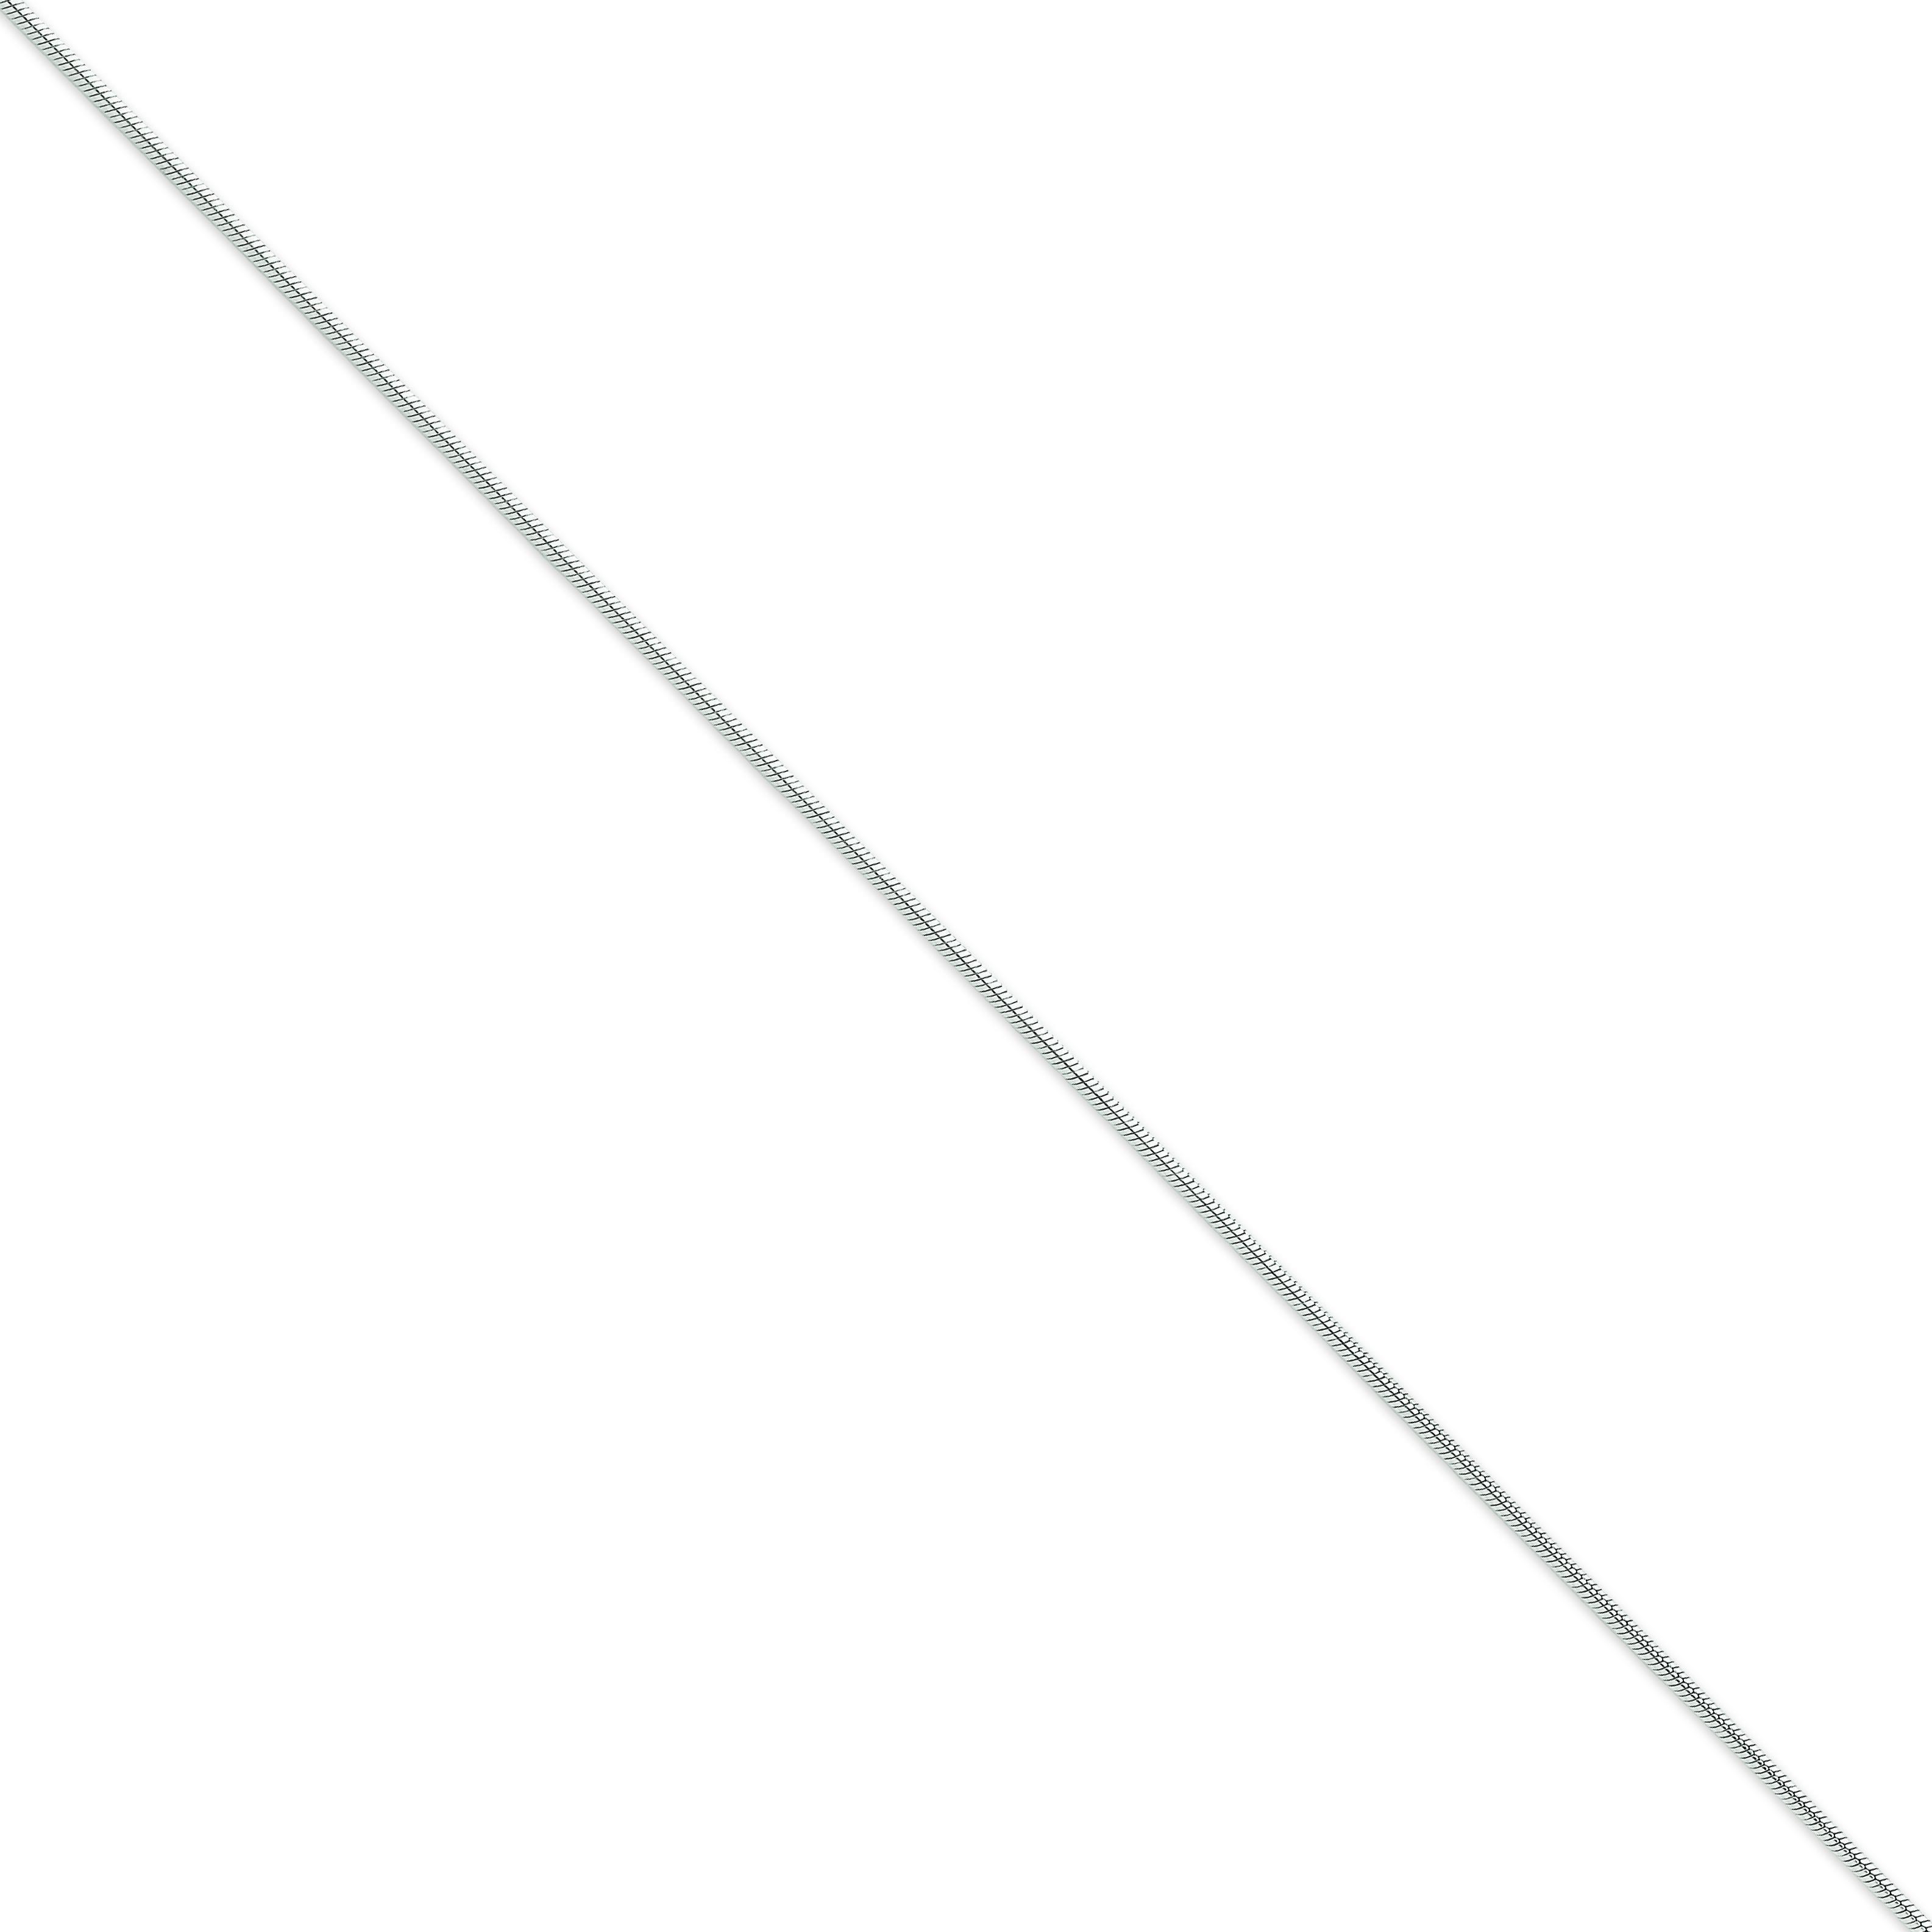 14k White Gold 7 inch 1.60 mm Snake Chain Bracelet